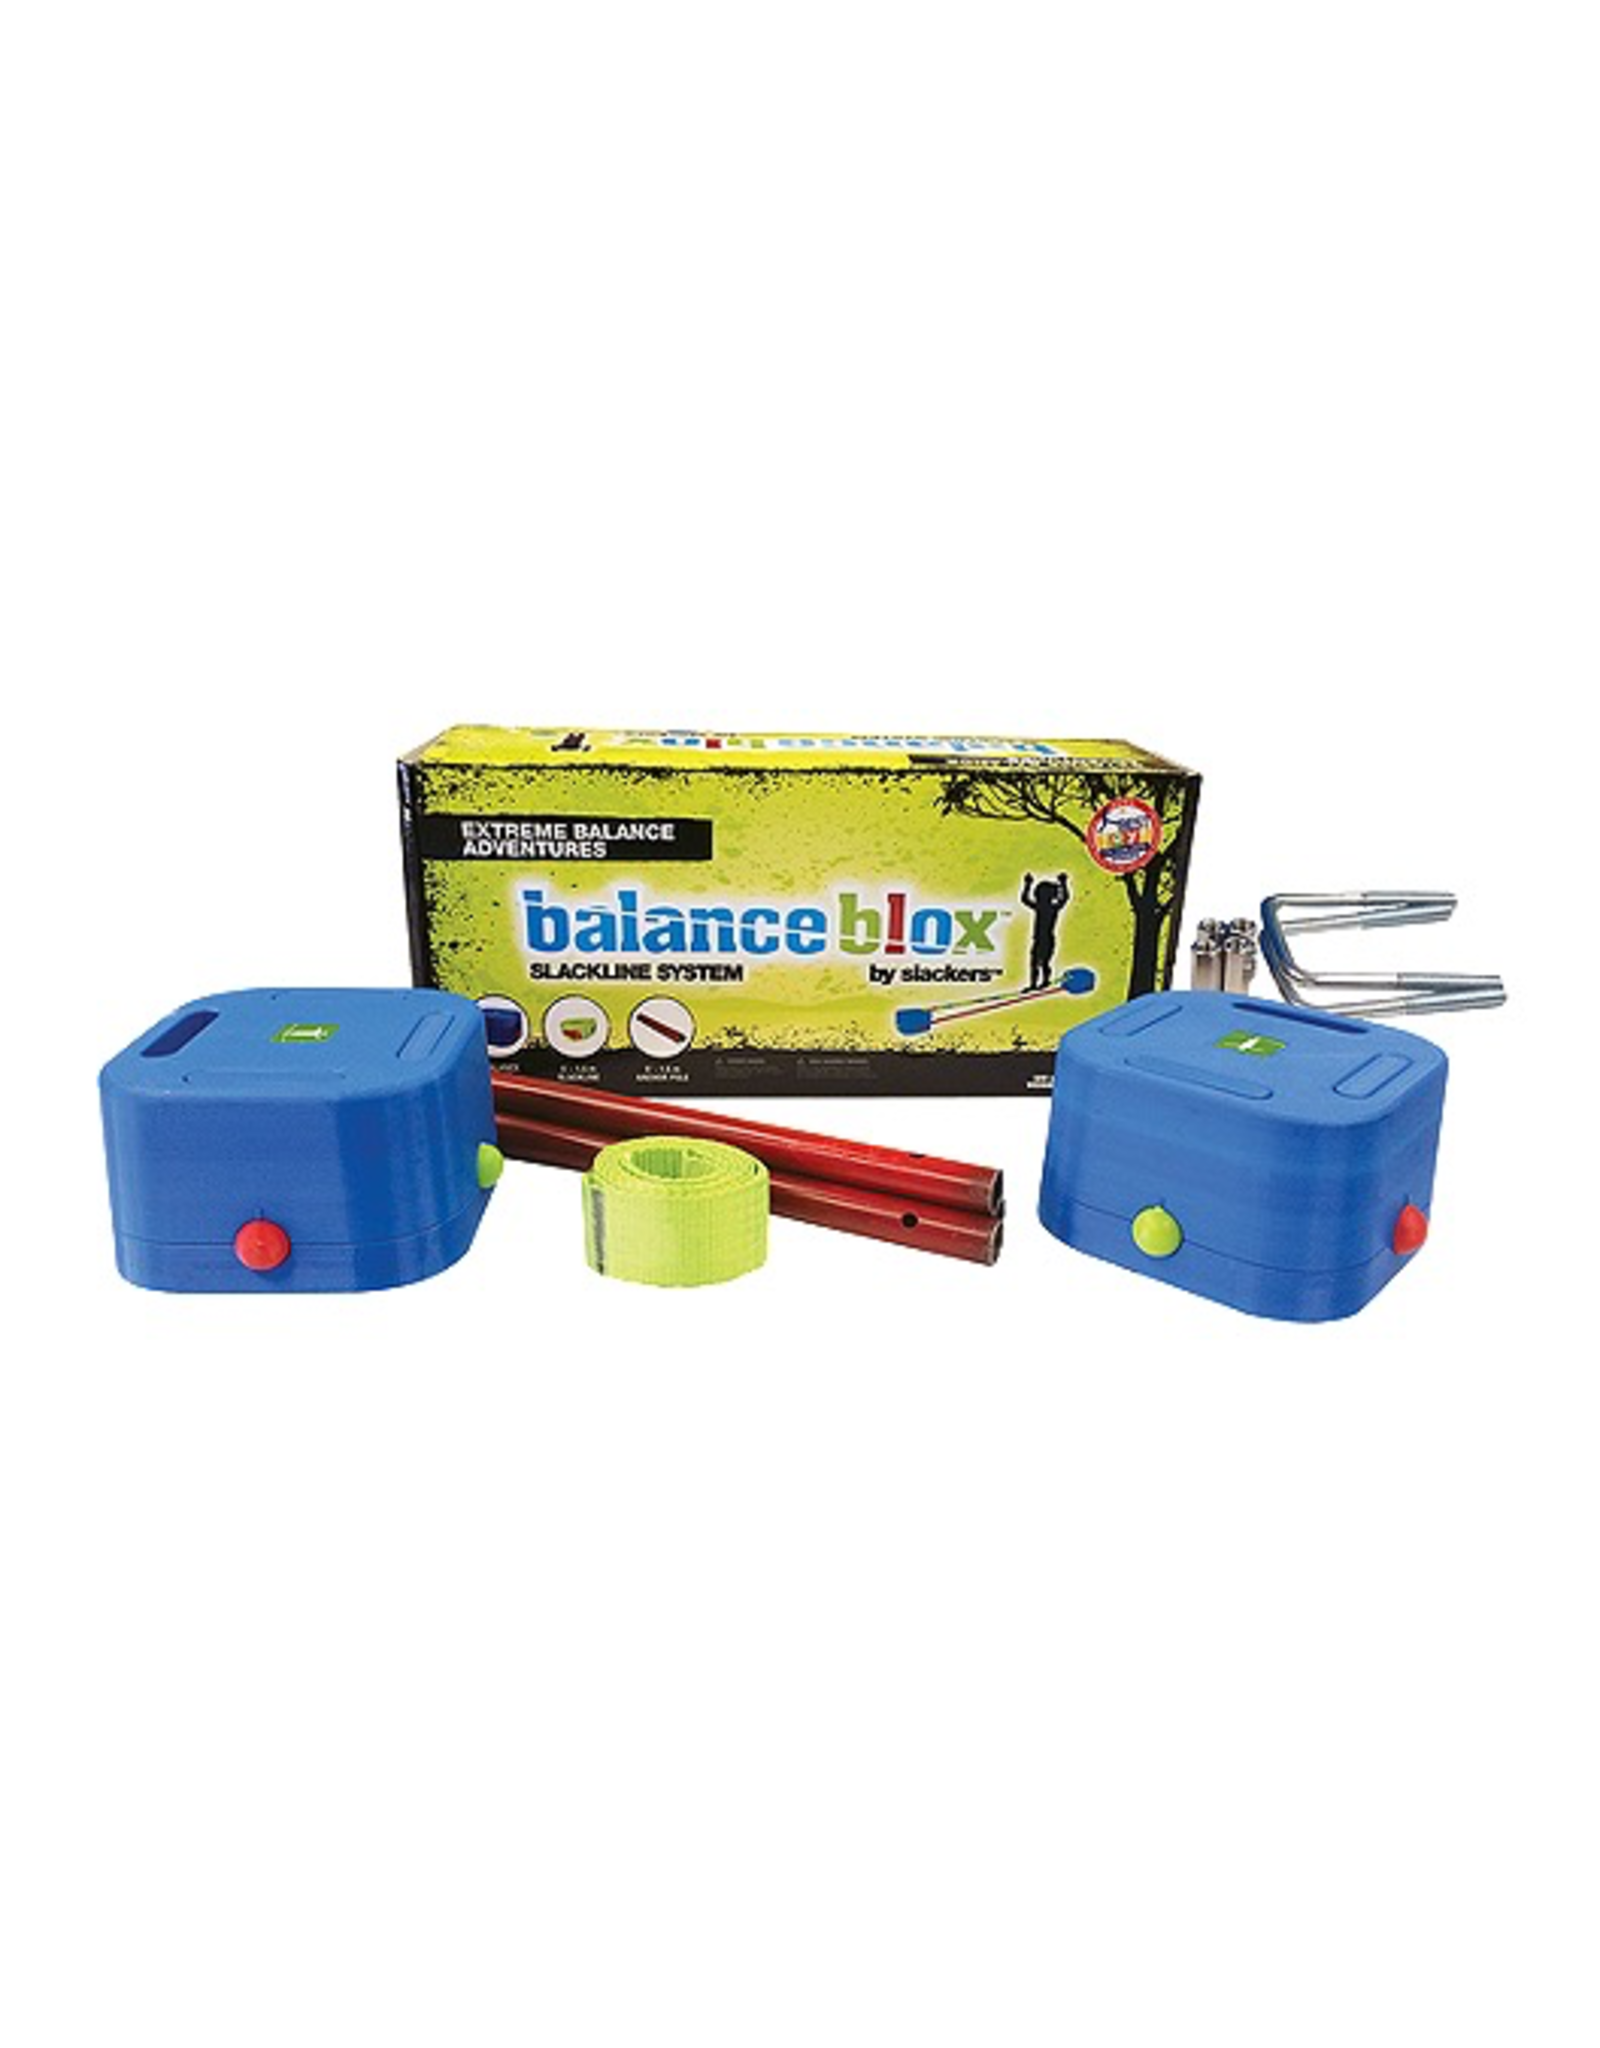 Slackers Slackers Balance Blox Kit